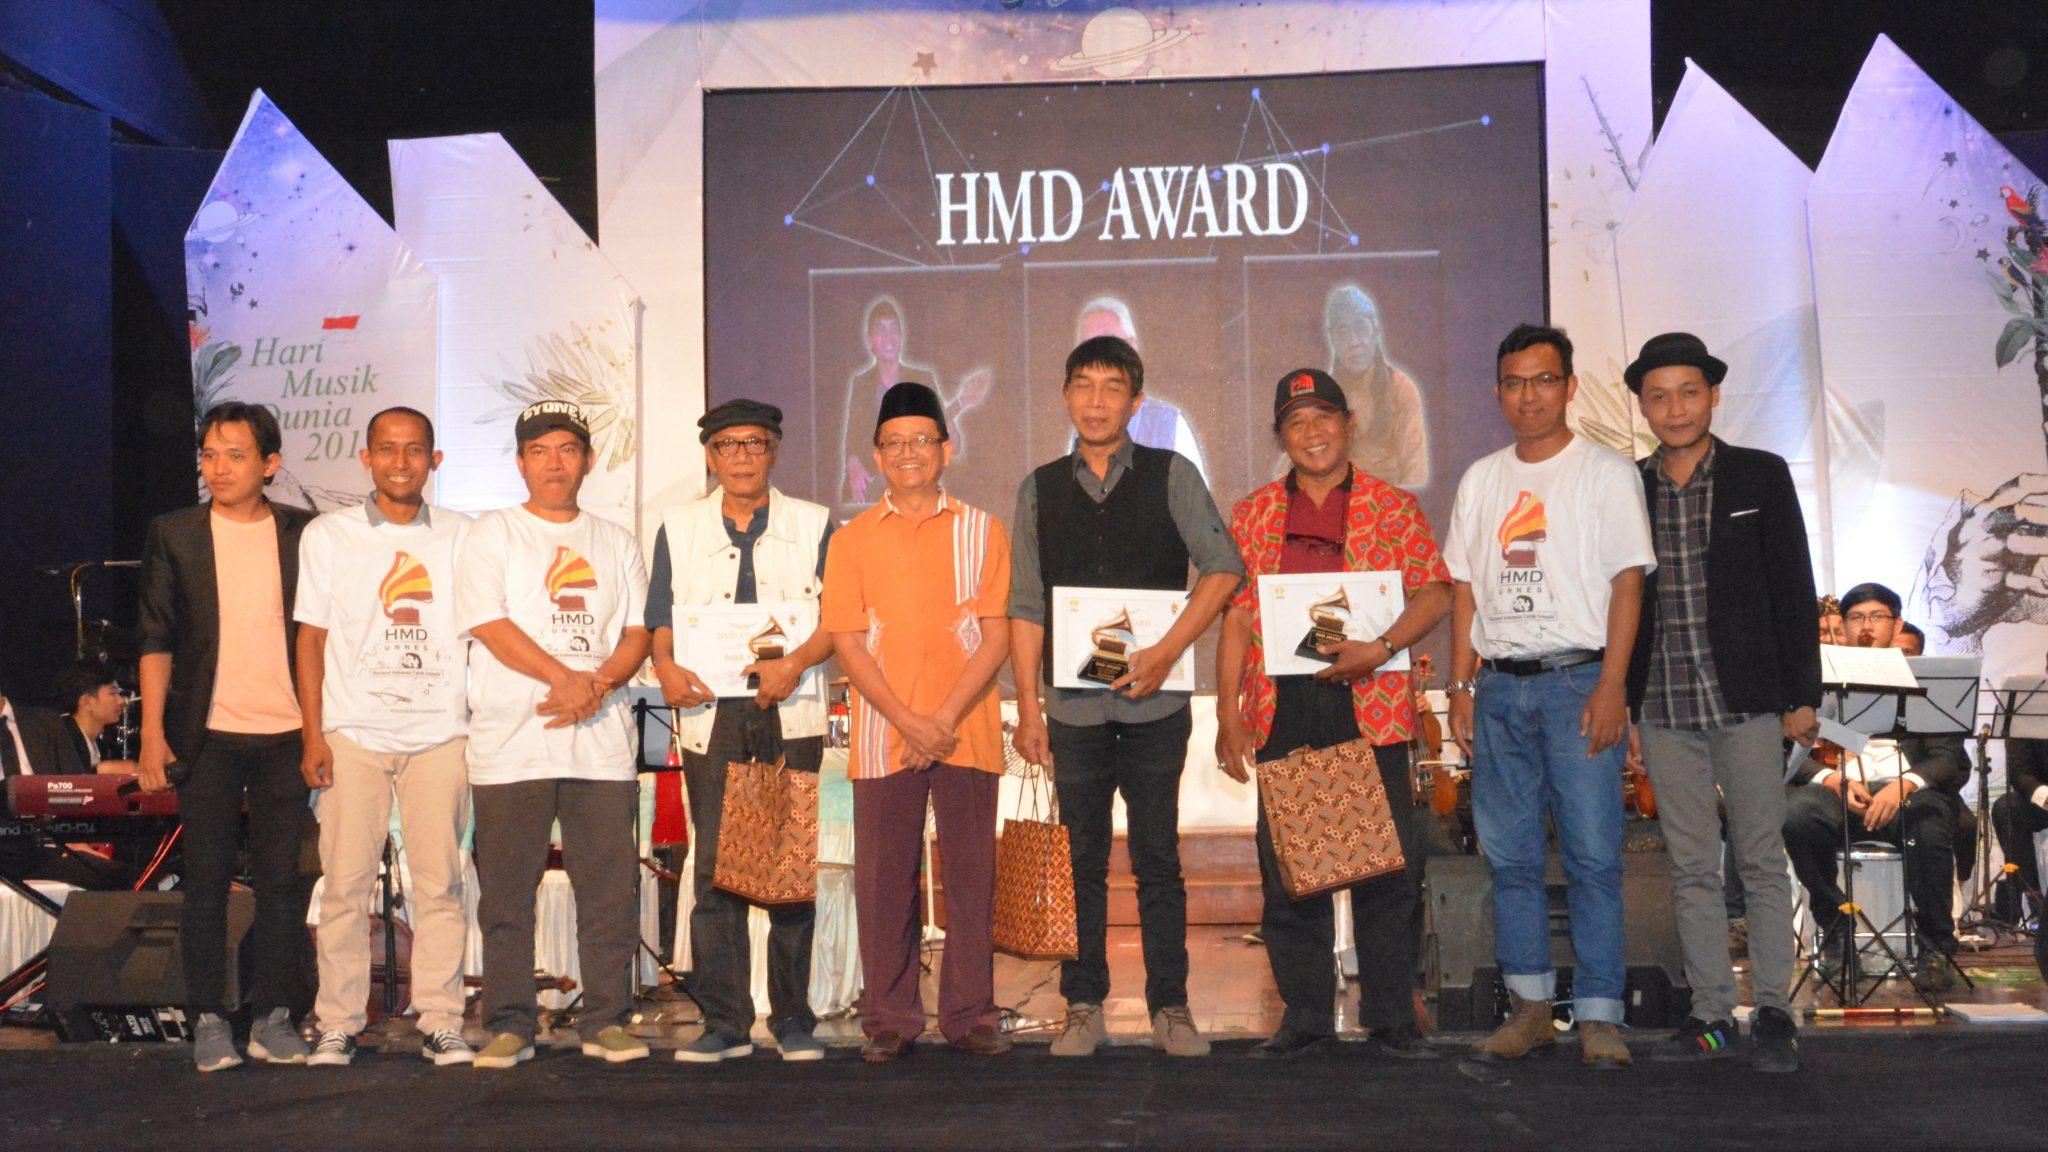 UNNES Persembahkan 3 Penghargaan Bagi Seniman Musik Berdedikasi Semarang